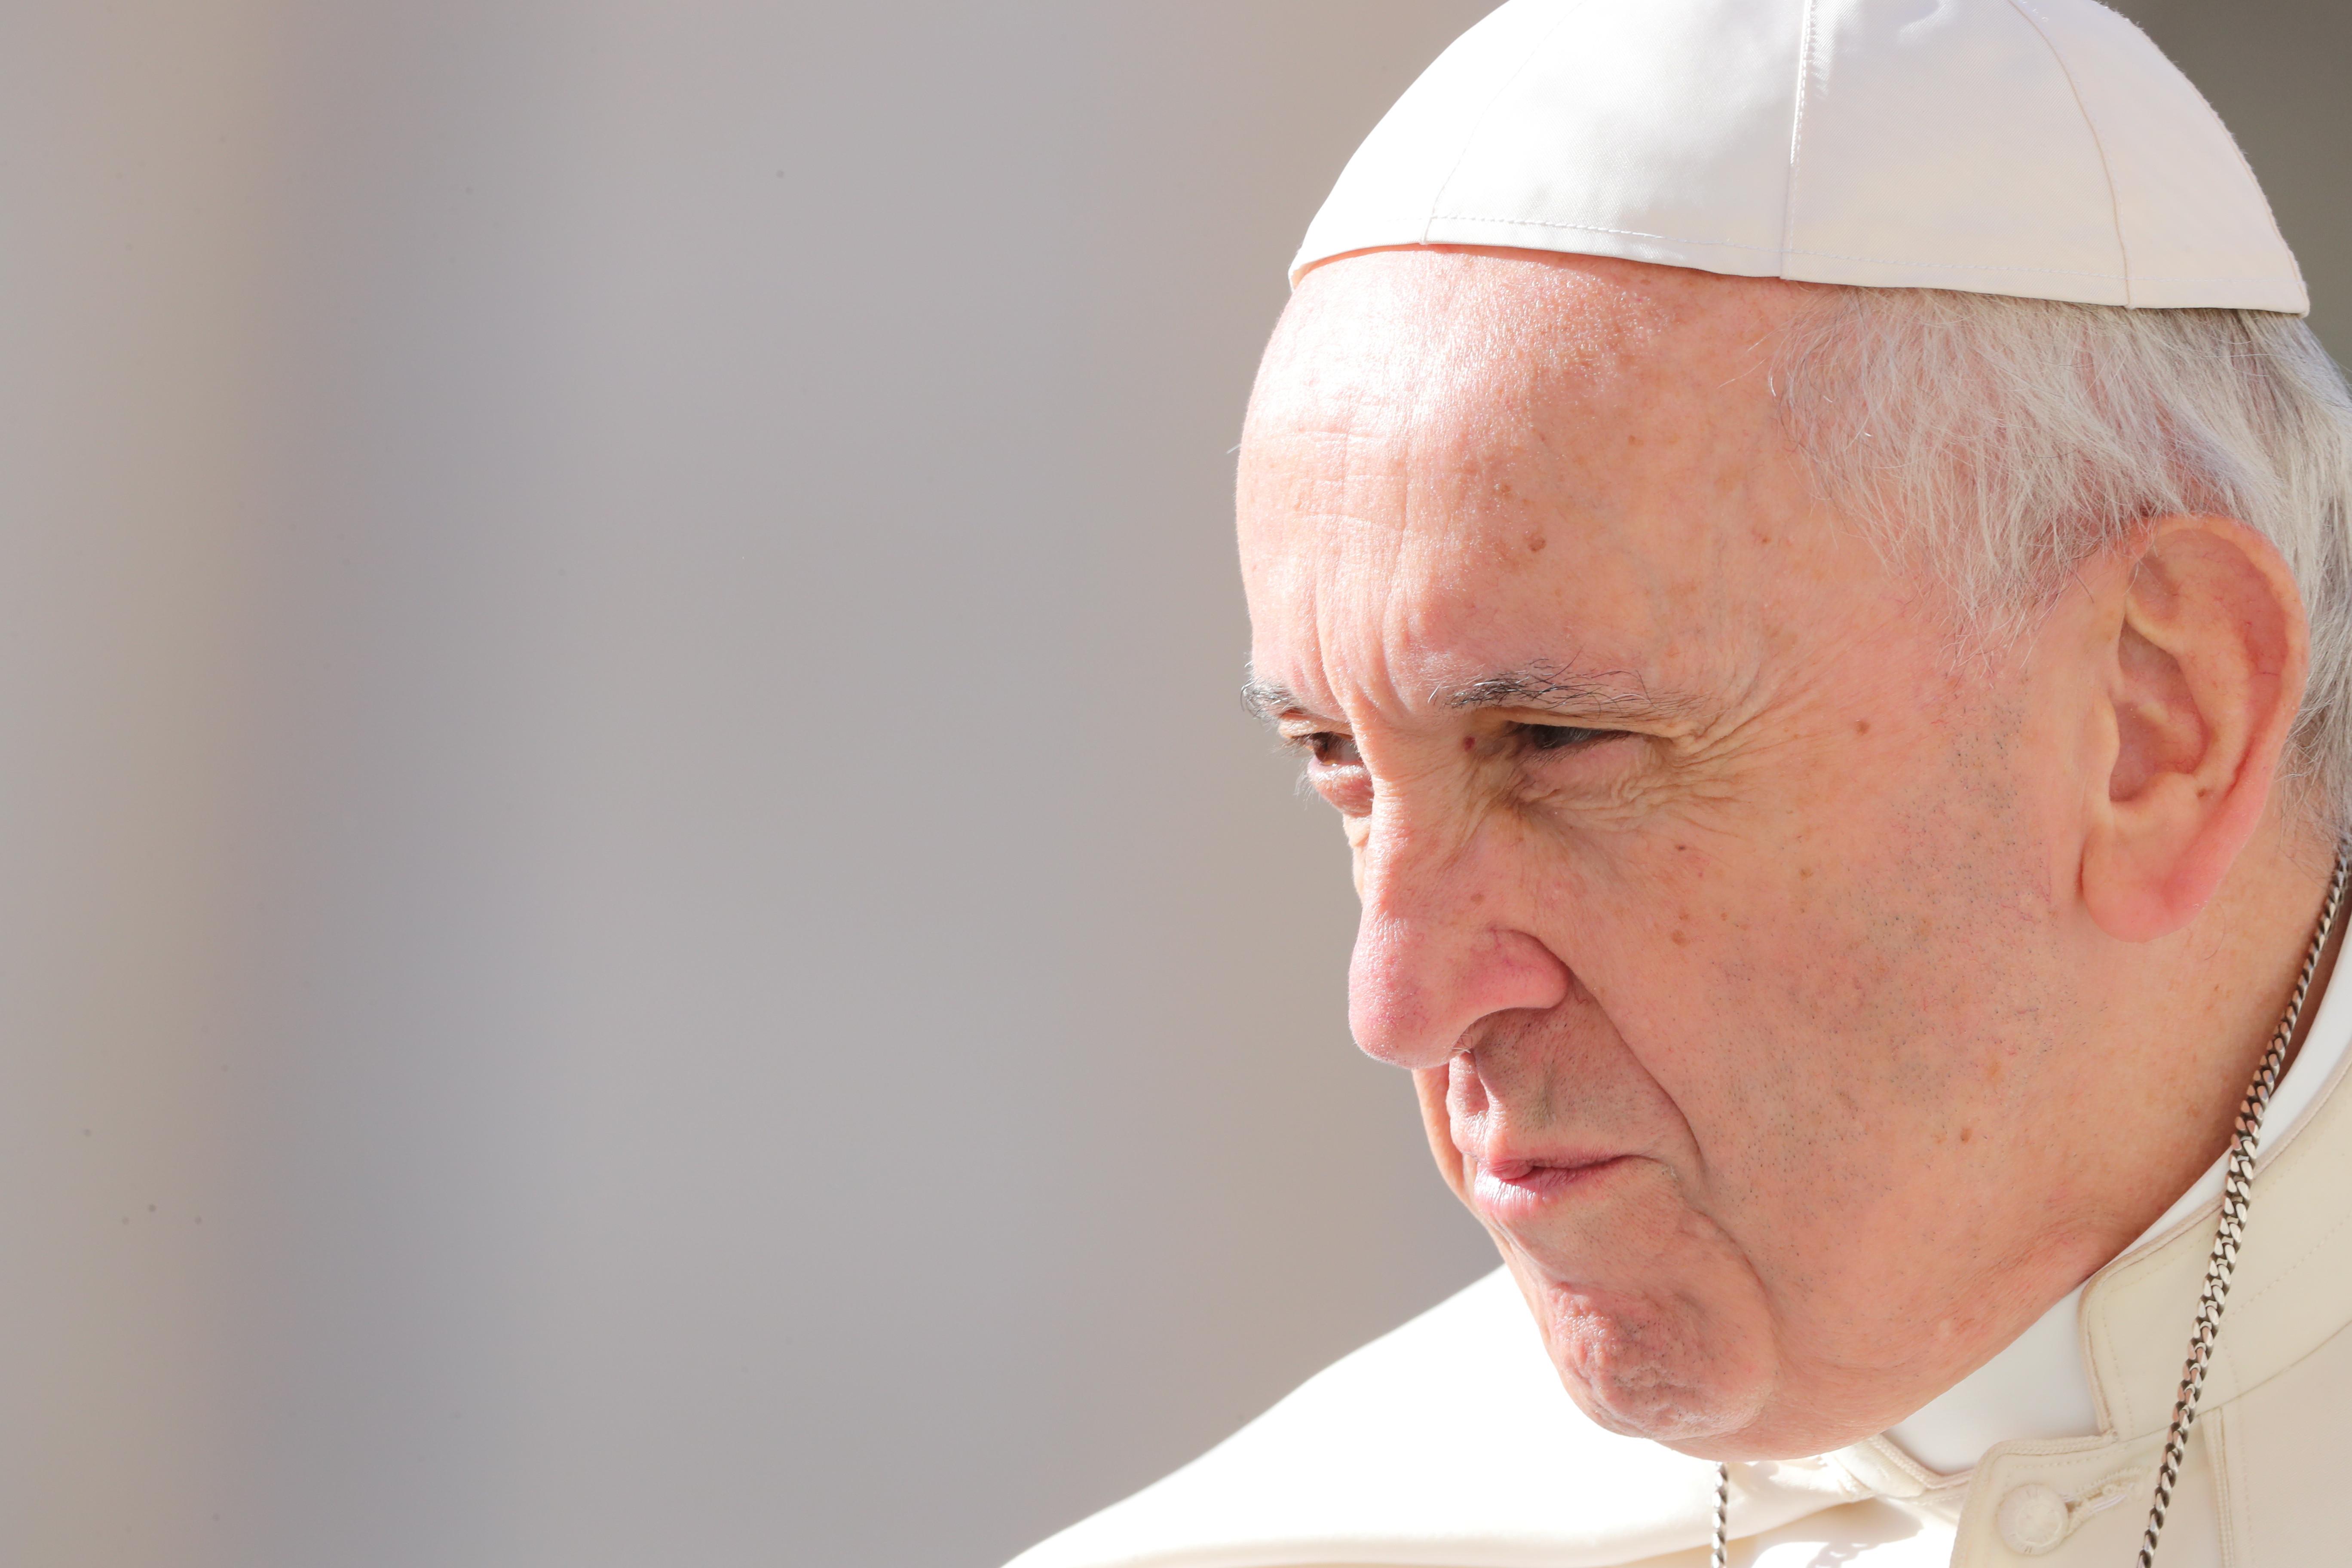 """Papa lamenta que migrantes que fogem encontrem """"portas fechadas"""""""